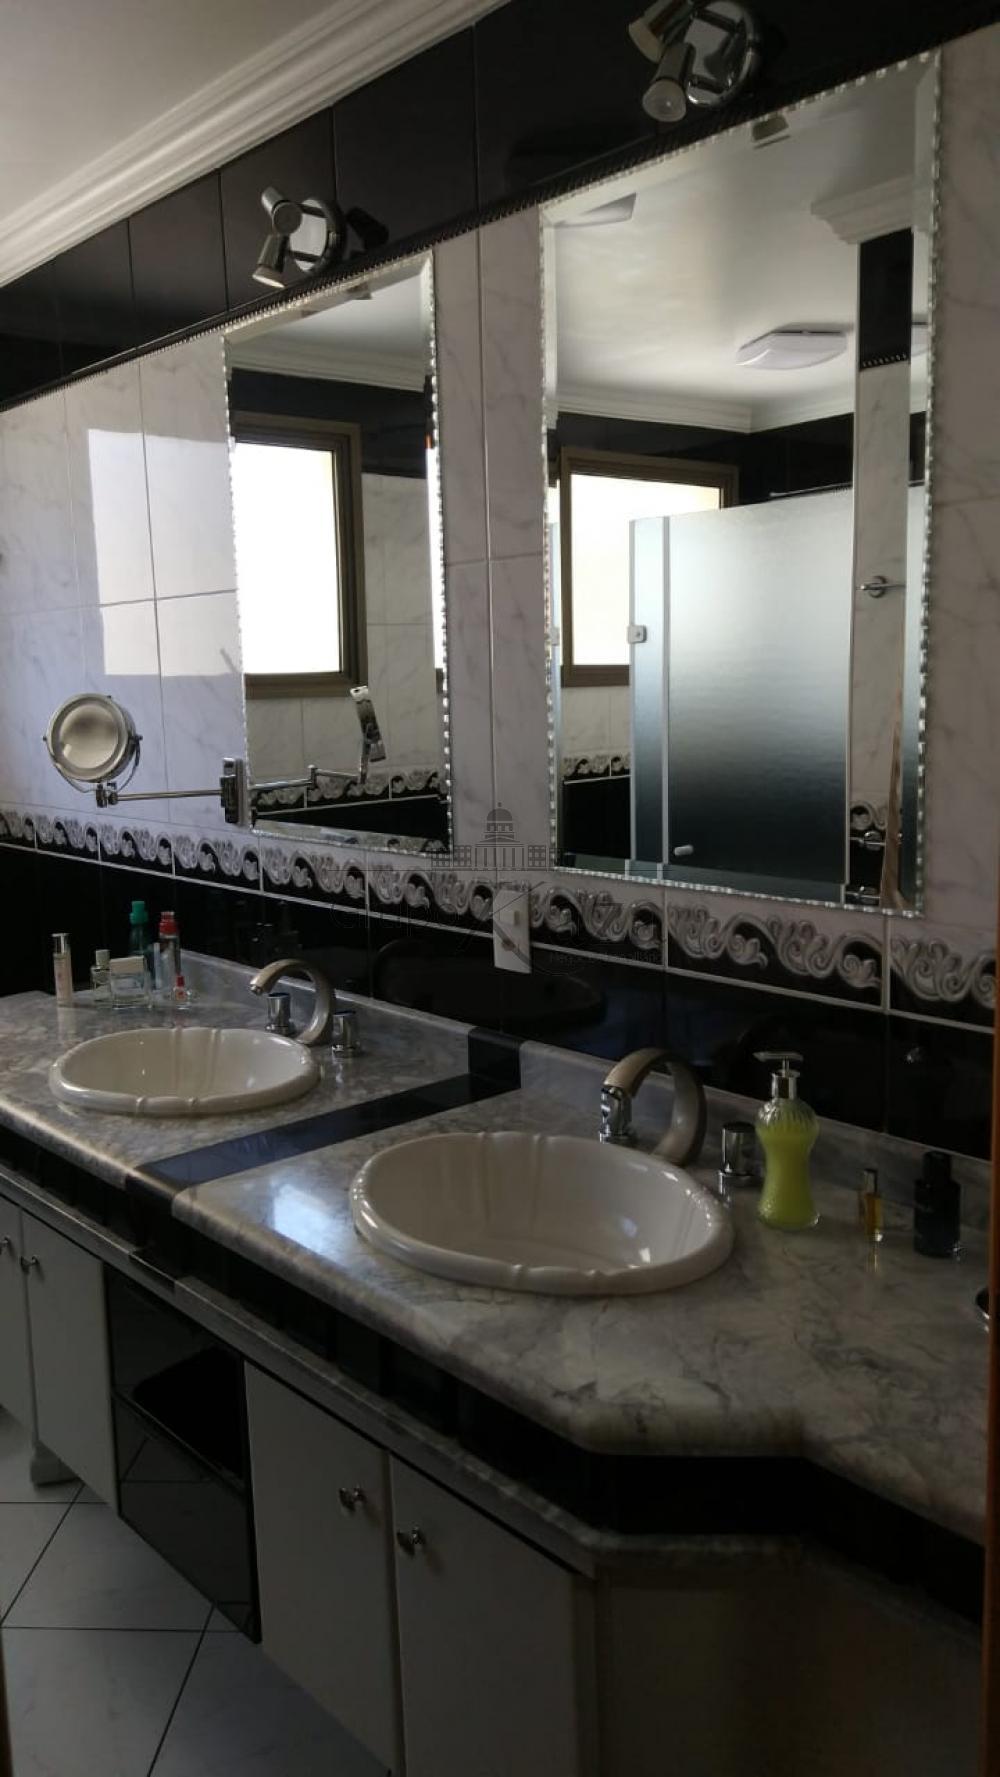 Comprar Apartamento / Padrão em São José dos Campos apenas R$ 1.500.000,00 - Foto 25